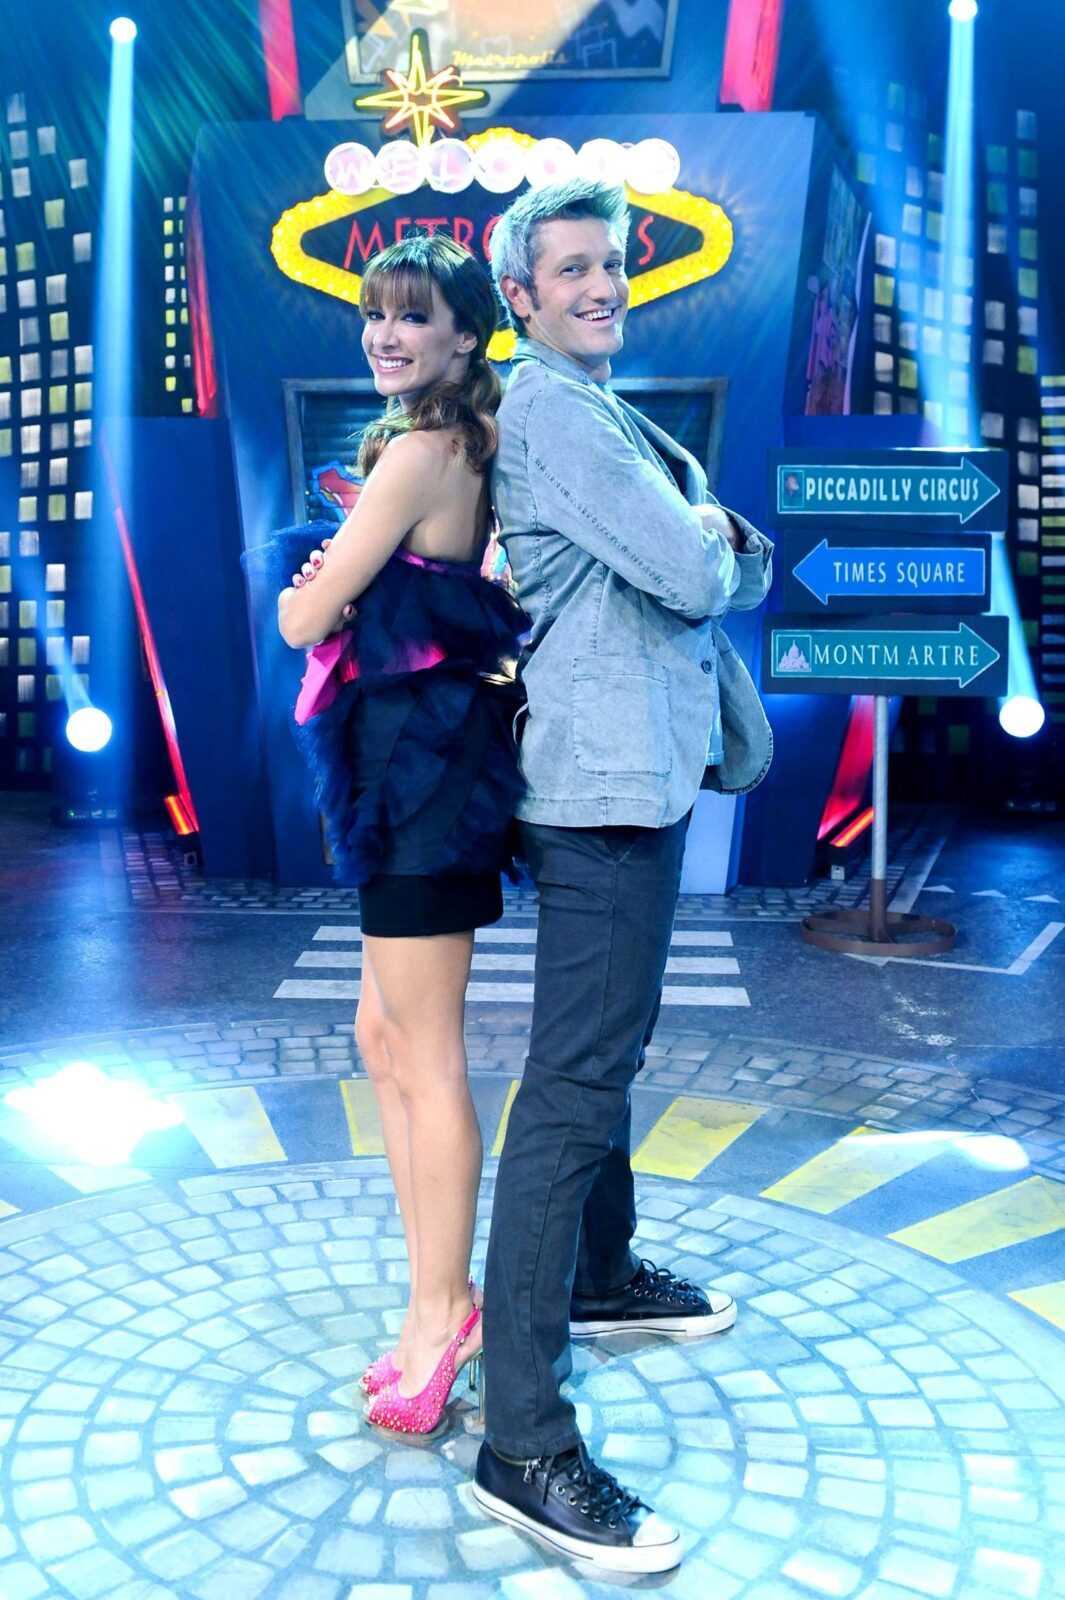 Melita Toniolo a tutta comicità con Metropolis su Comedy Central | Digitale terrestre: Dtti.it